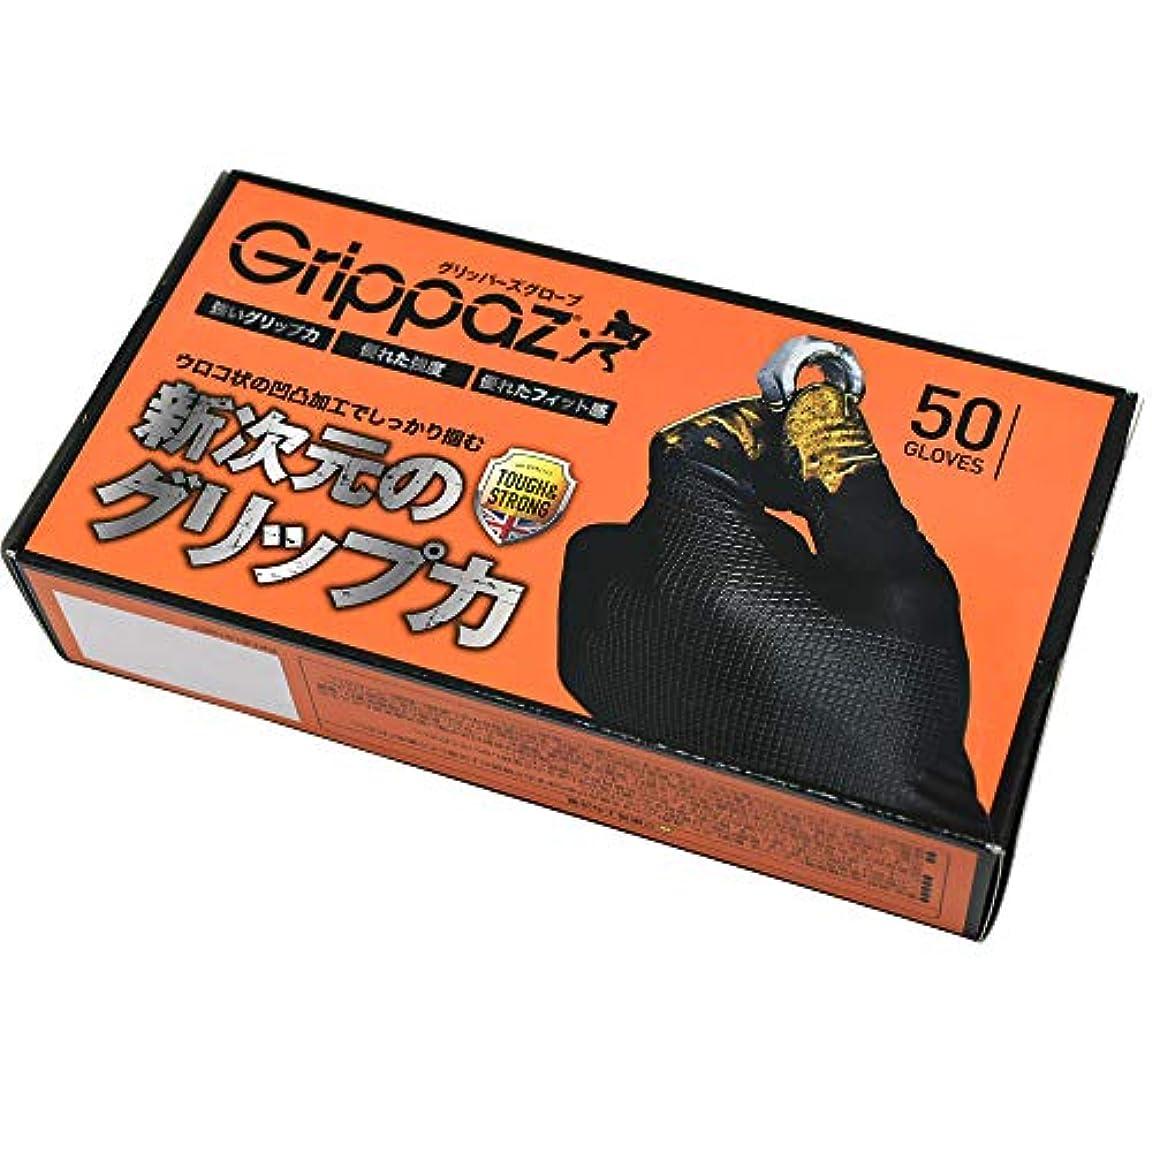 バリーいつか身元原田産業 ニトリル手袋 グリッパーズグローブ 50枚入 XLサイズ パウダーフリー 左右兼用 自動車整備 メンテナンス